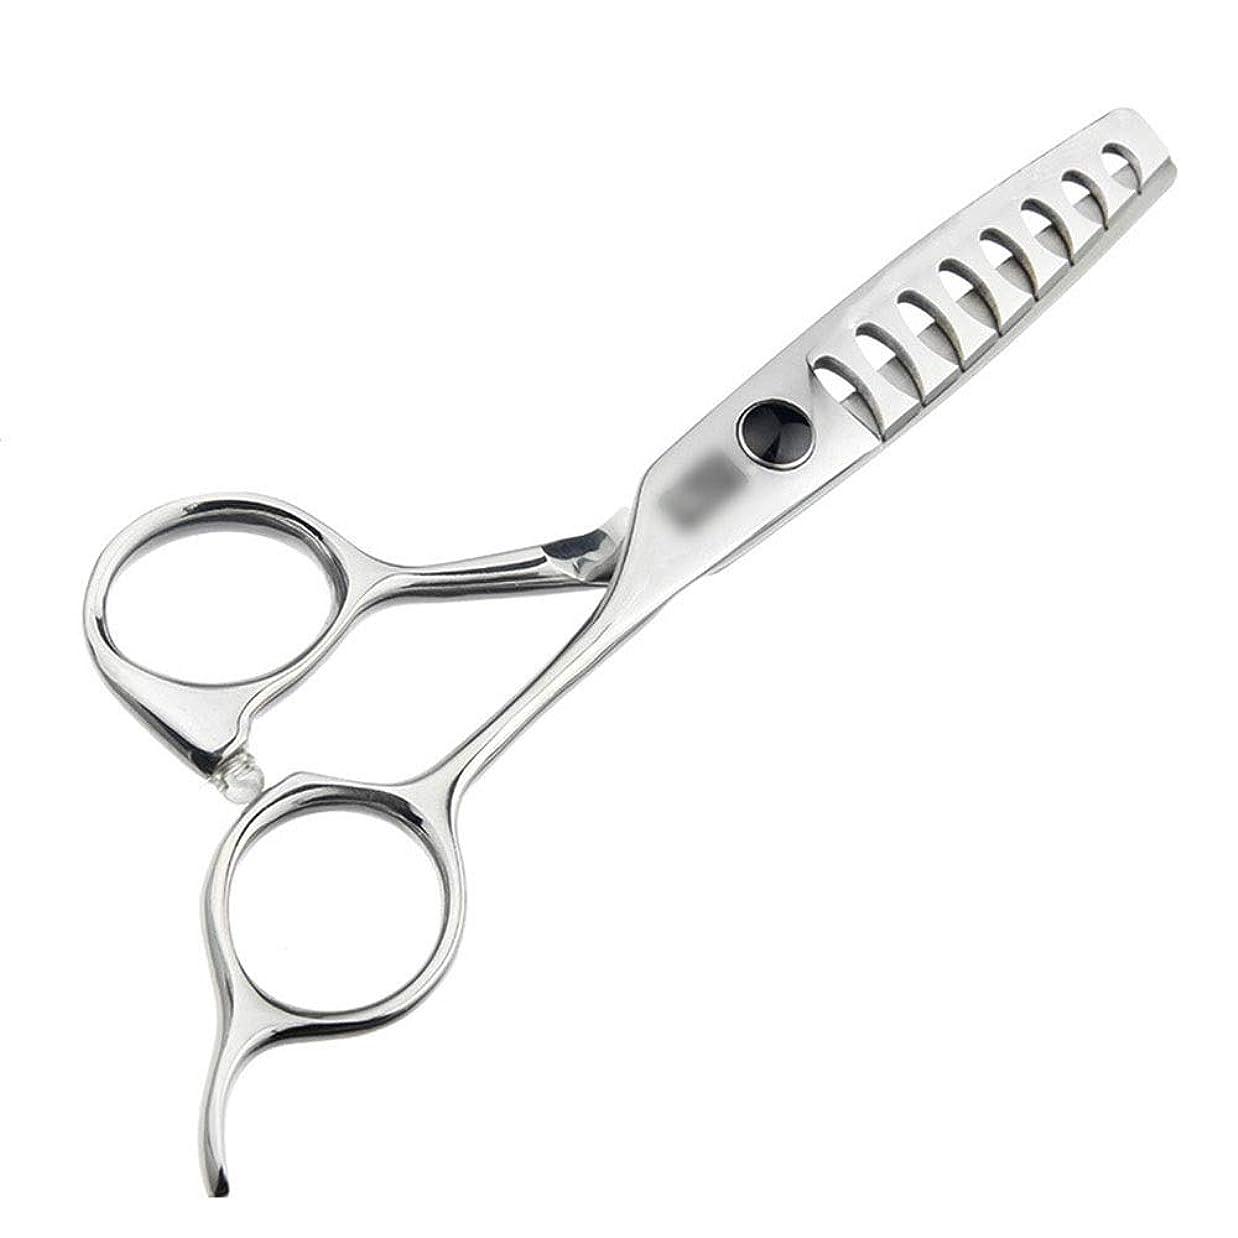 モザイク劇場牧草地トリミングシザー 5.5インチの高級ヘアカットの魚の骨のはさみ、継ぎ目が無い毛はさみの毛の切断はさみのステンレス製の理髪師のはさみ (色 : Silver)